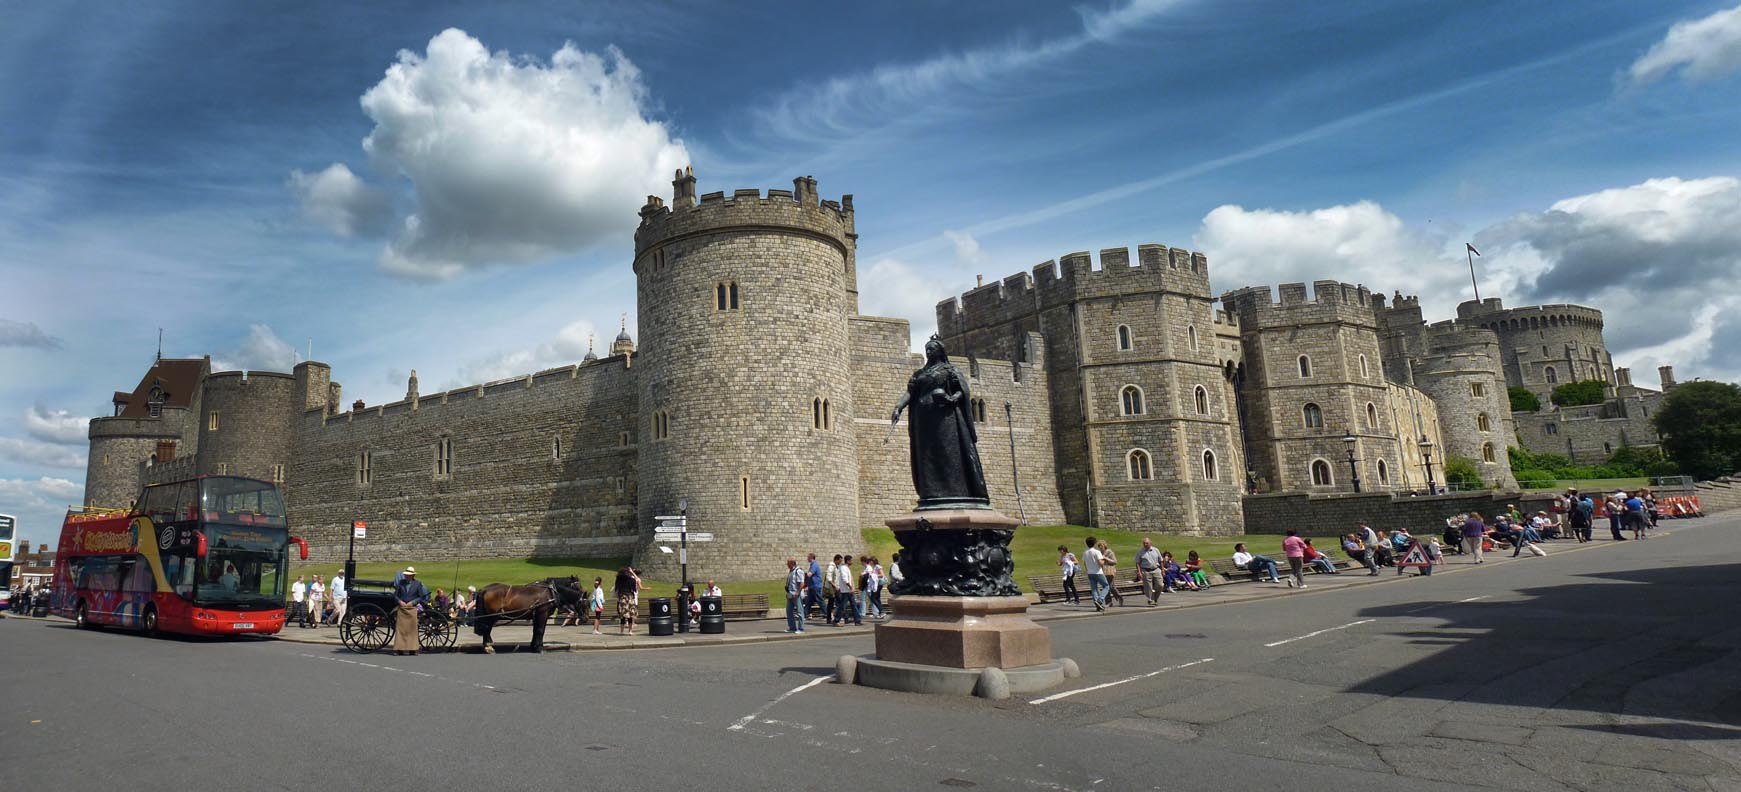 爱旅游 | 温莎城堡 浪漫英伦寻味之旅